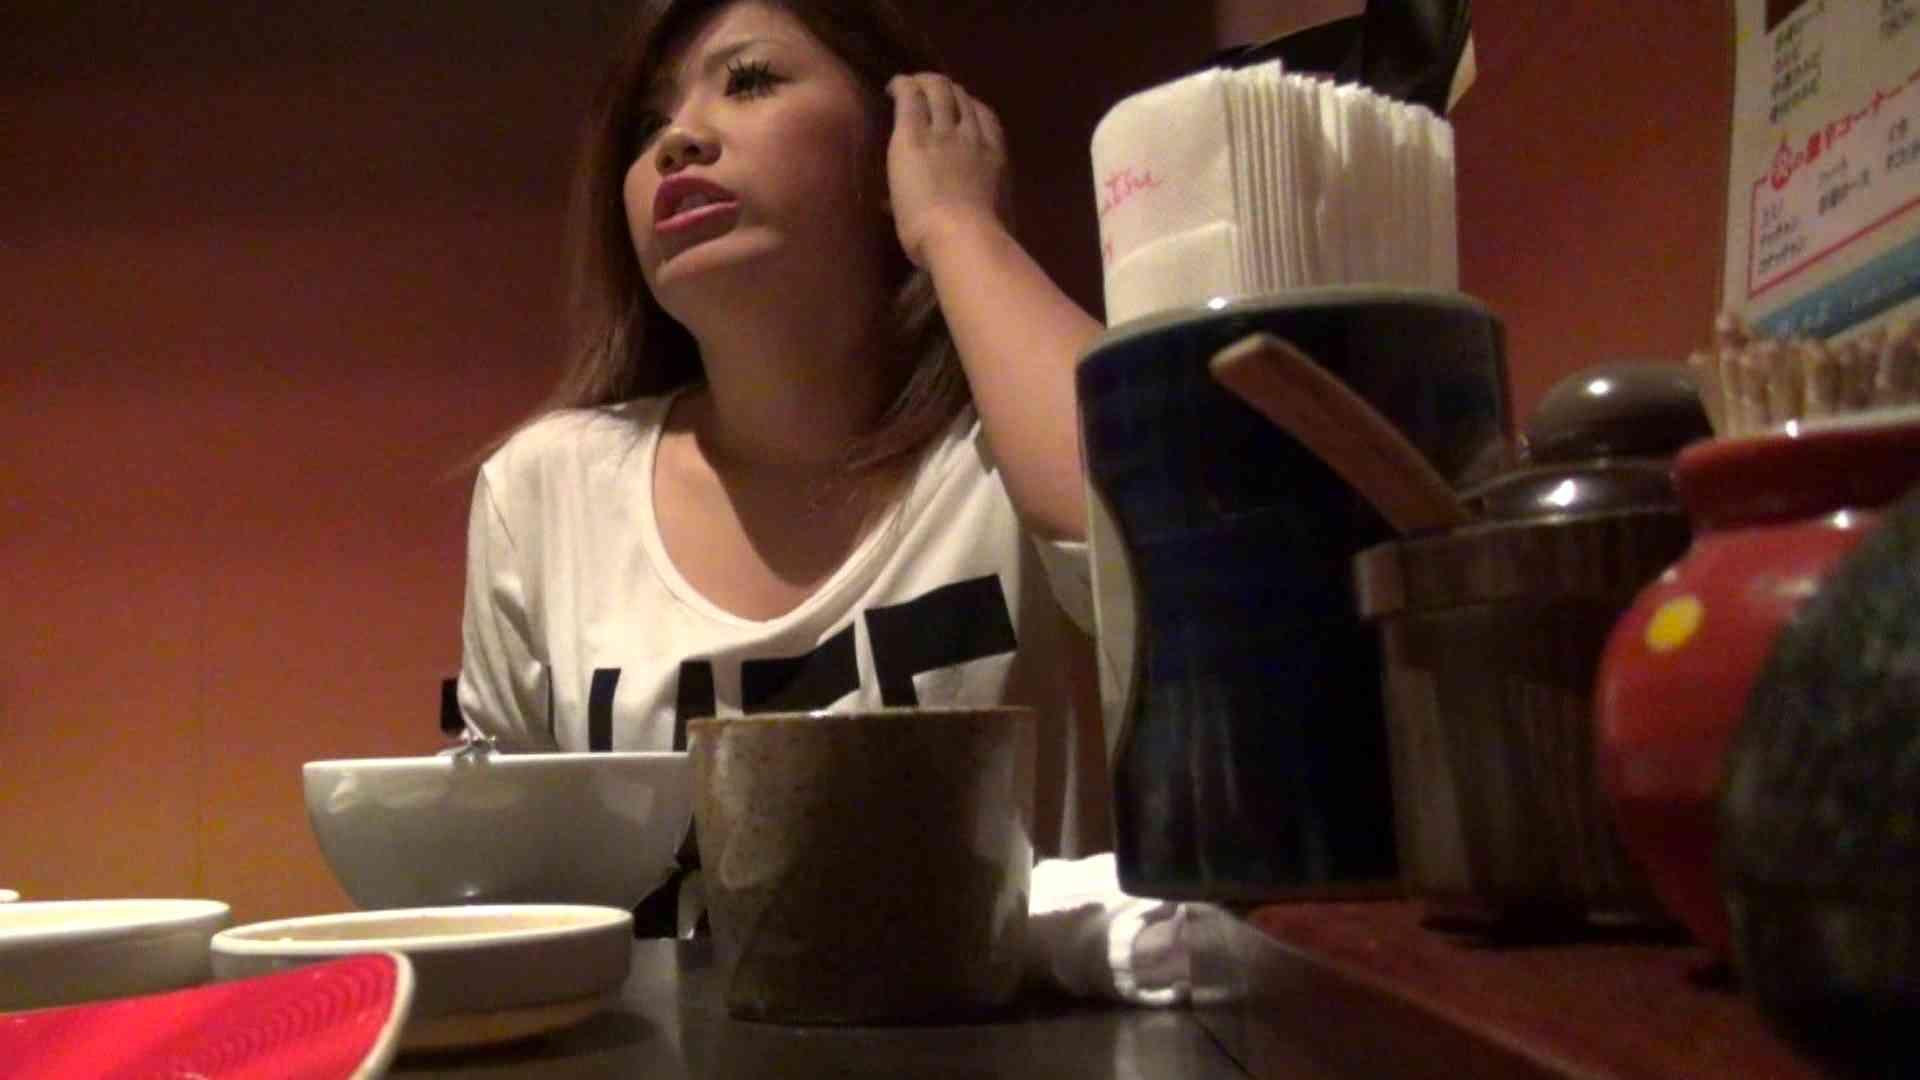 【出会い01】大助さんMちゃんと食事会 悪戯  65連発 52